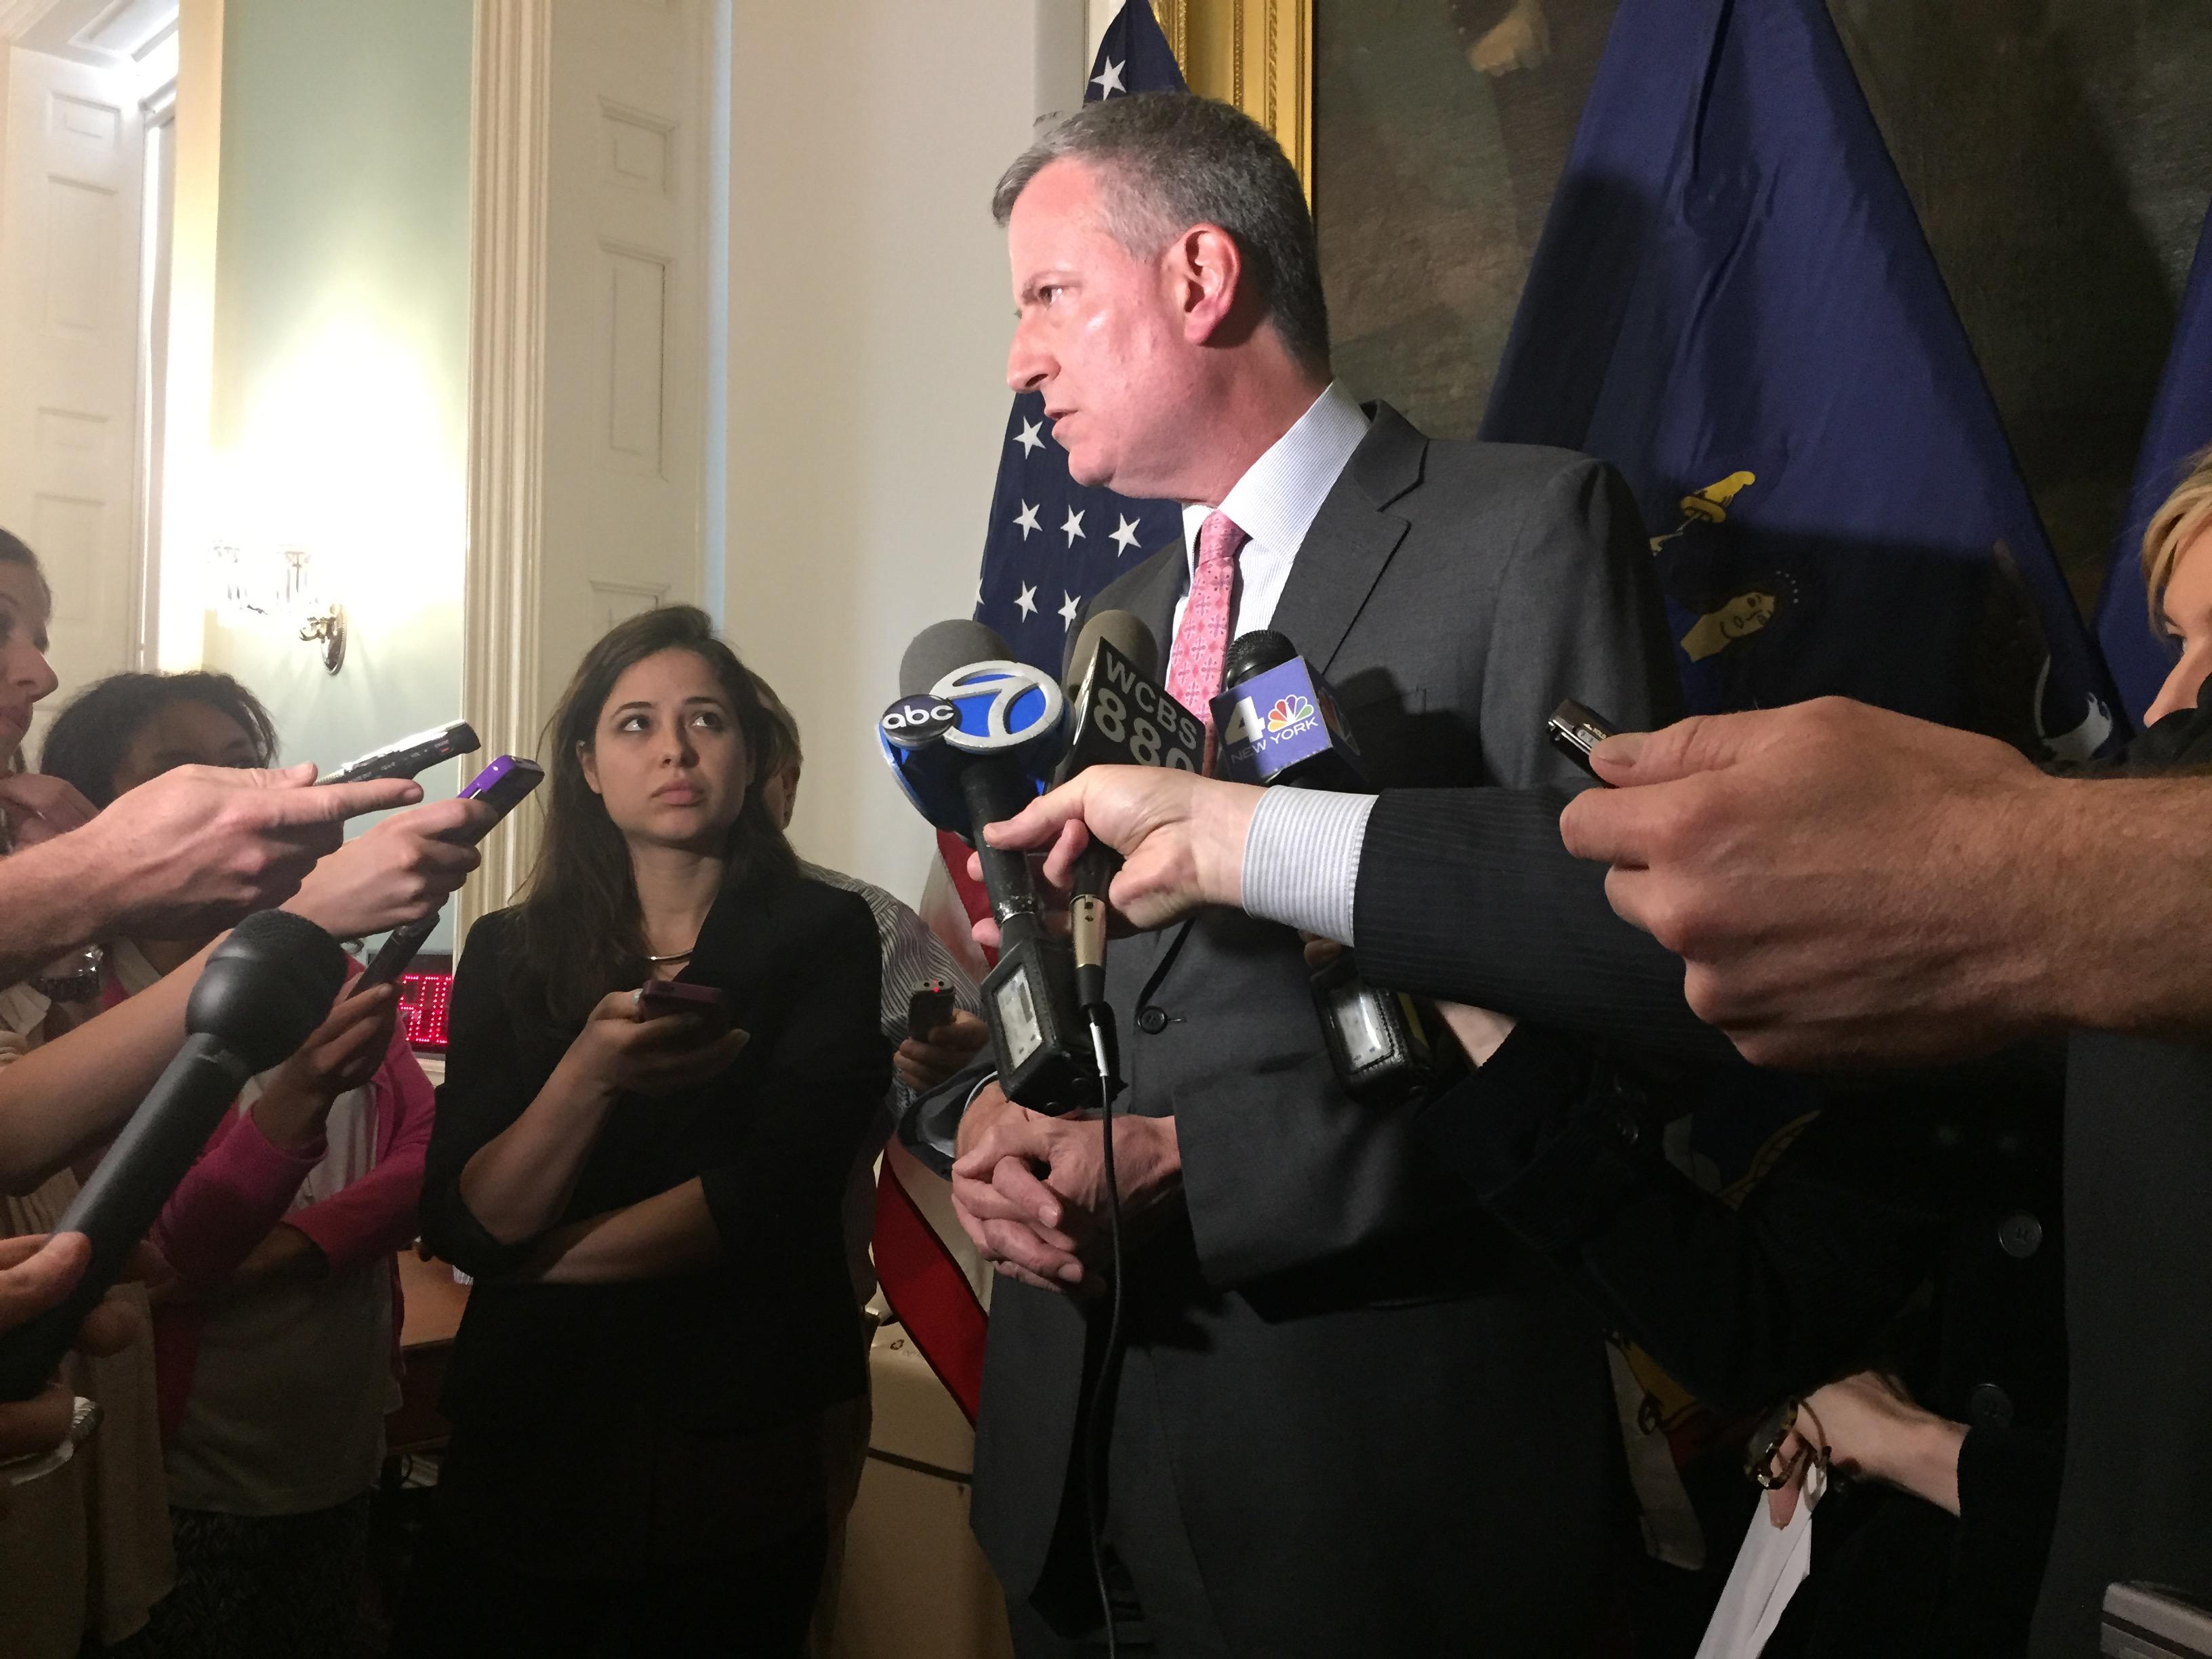 Mayor Bill de Blasio speaks with reporters today. (Photo: Jillian Jorgensen/New York Observer)